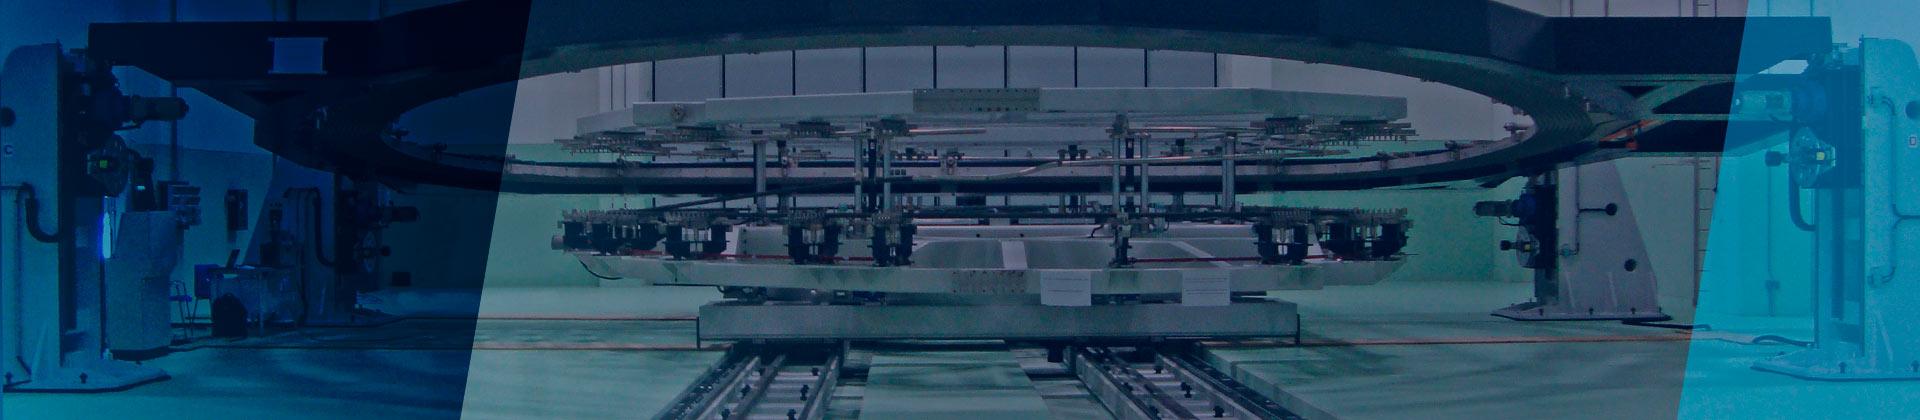 progettazione e costruzioni impianti per linea avvolgimento superconduttori